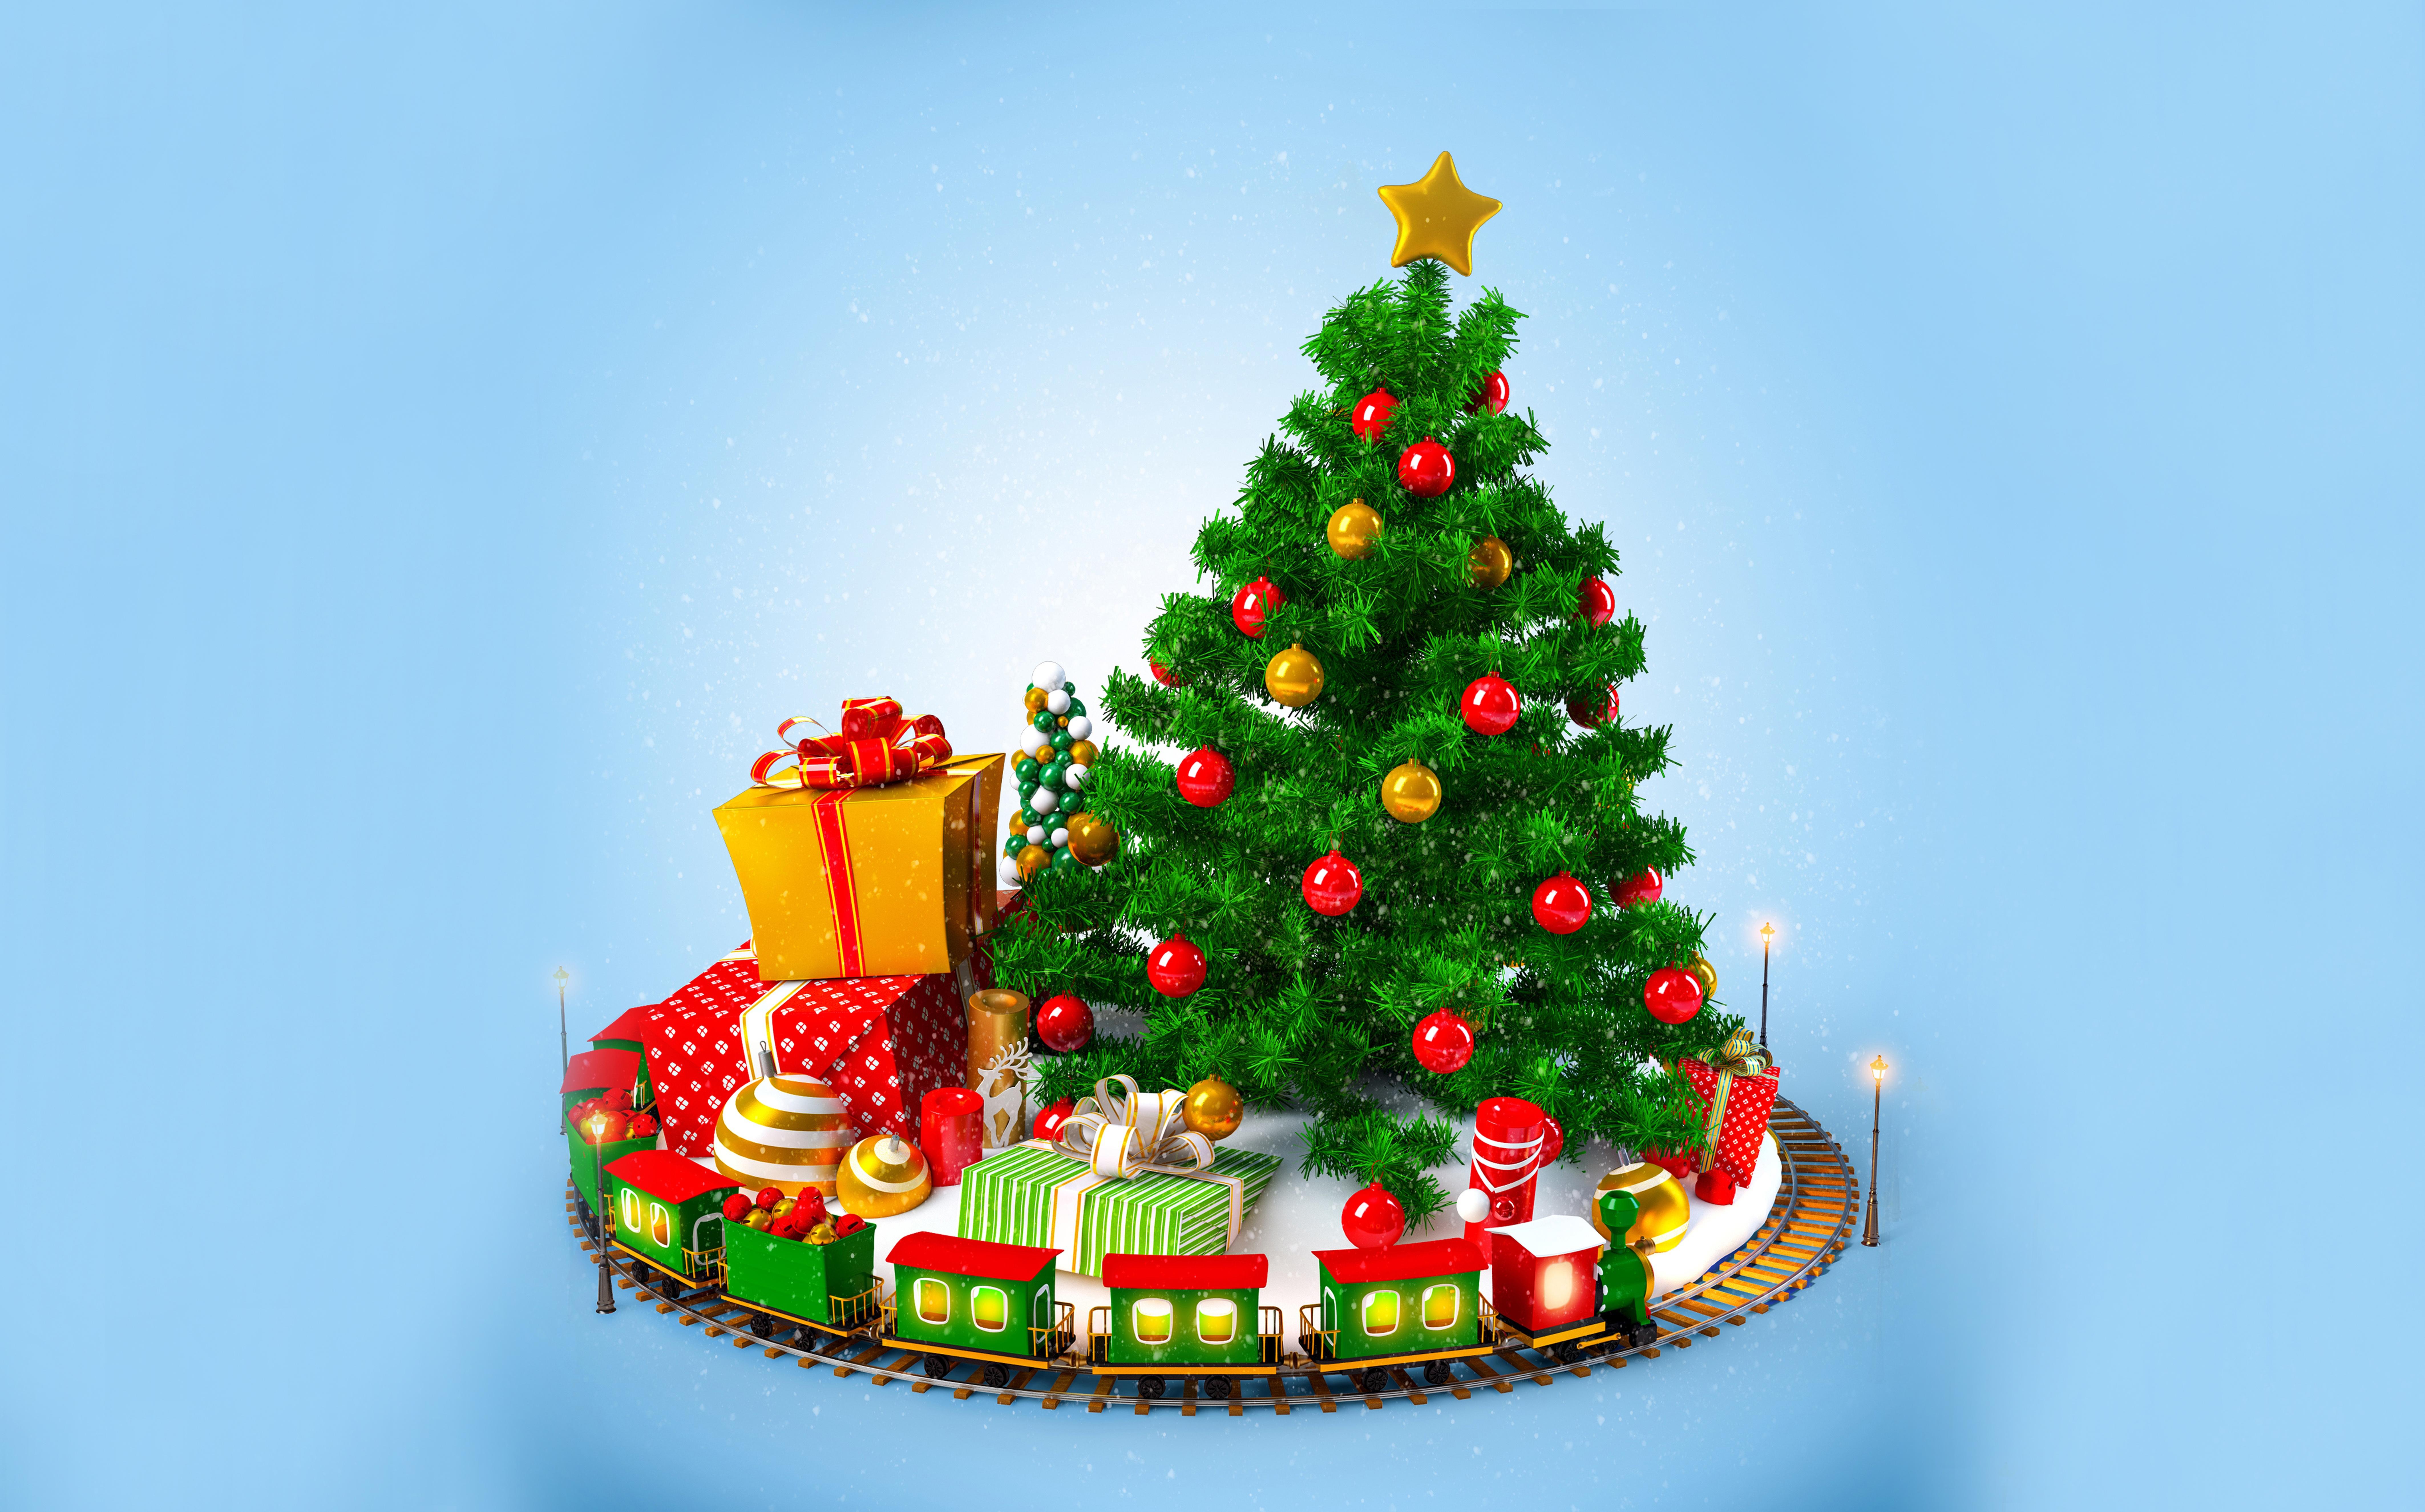 елка игрушки новый год tree toys new year скачать